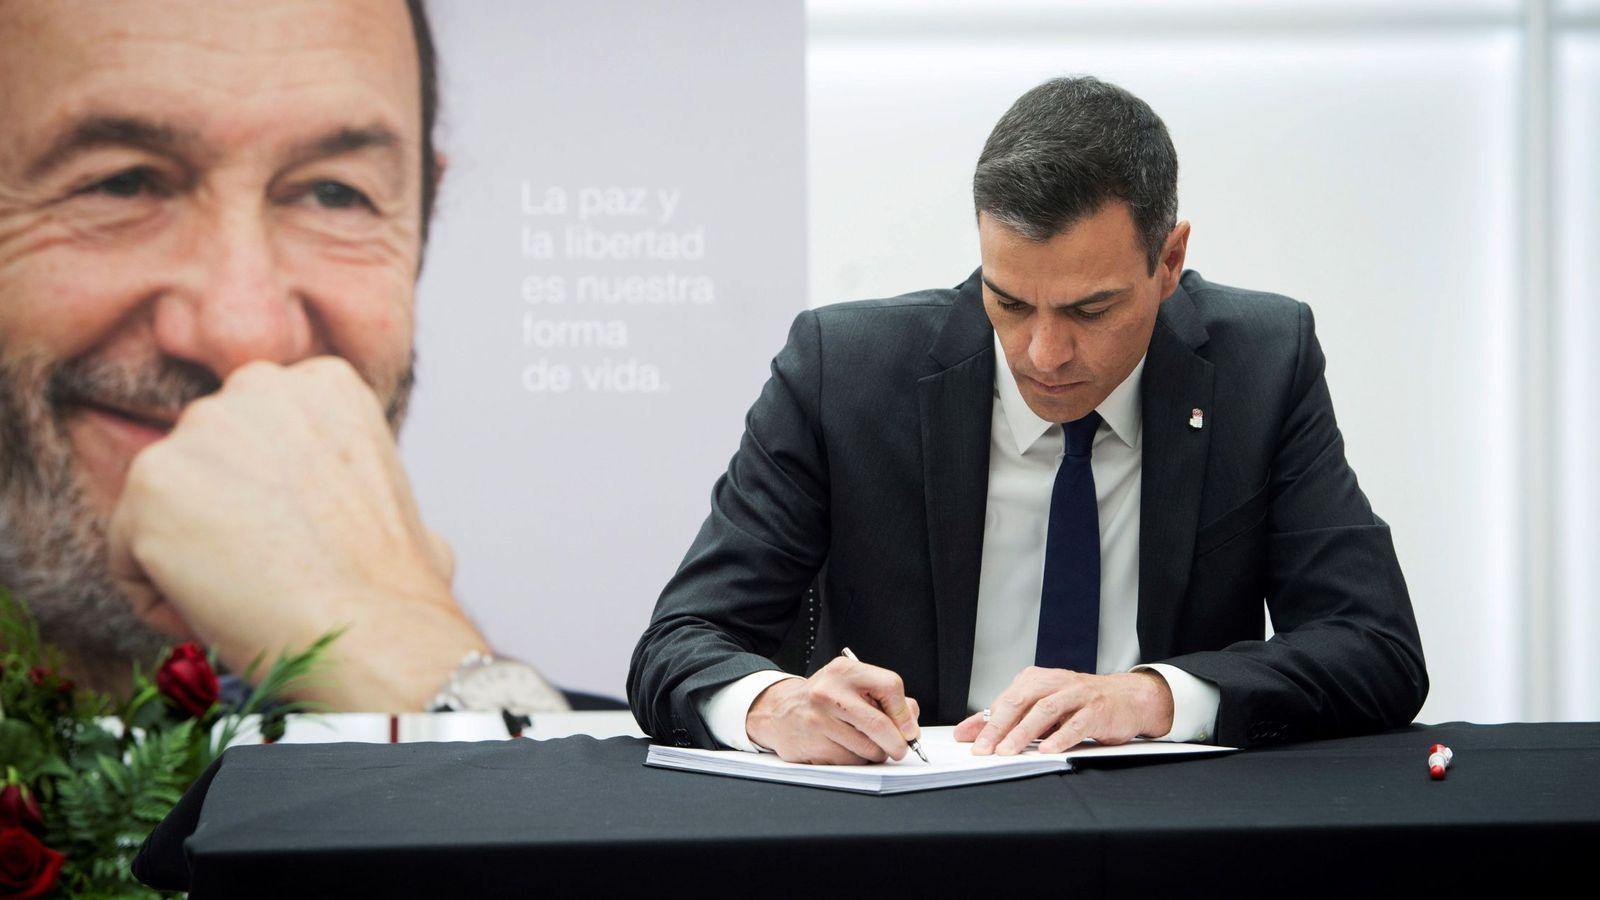 Foto: Pedro Sánchez firma en el libro de condolencias abierto en Ferraz en honor de Alfredo Pérez Rubalcaba. (EFE)